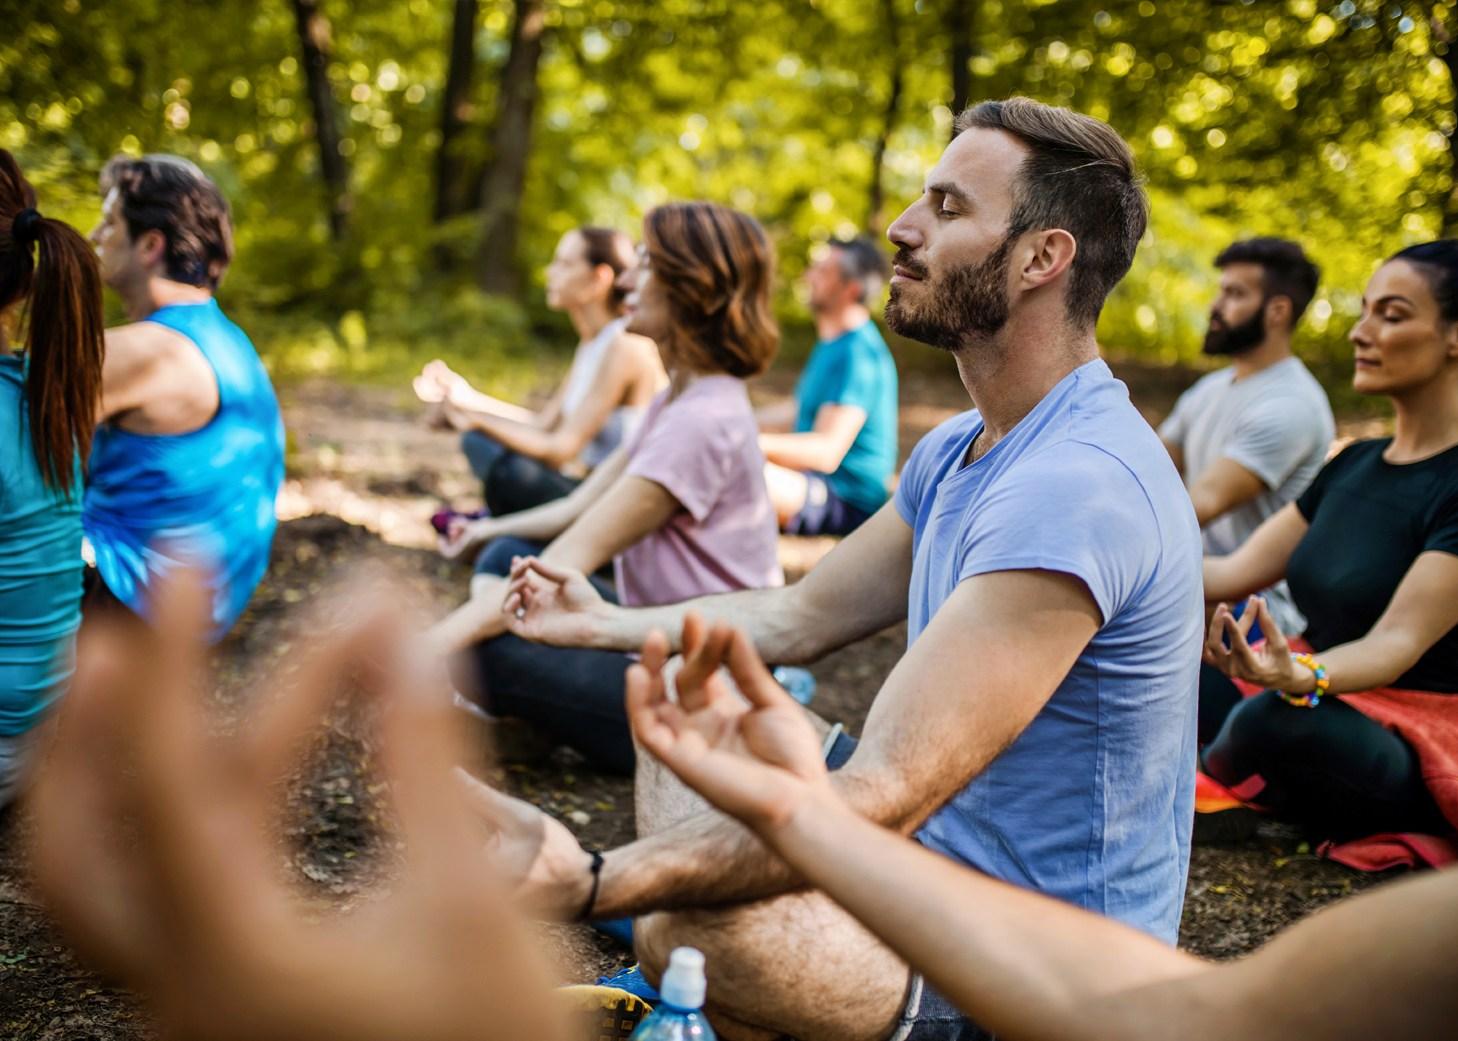 Grupo de personas haciendo yoga en el bosque.